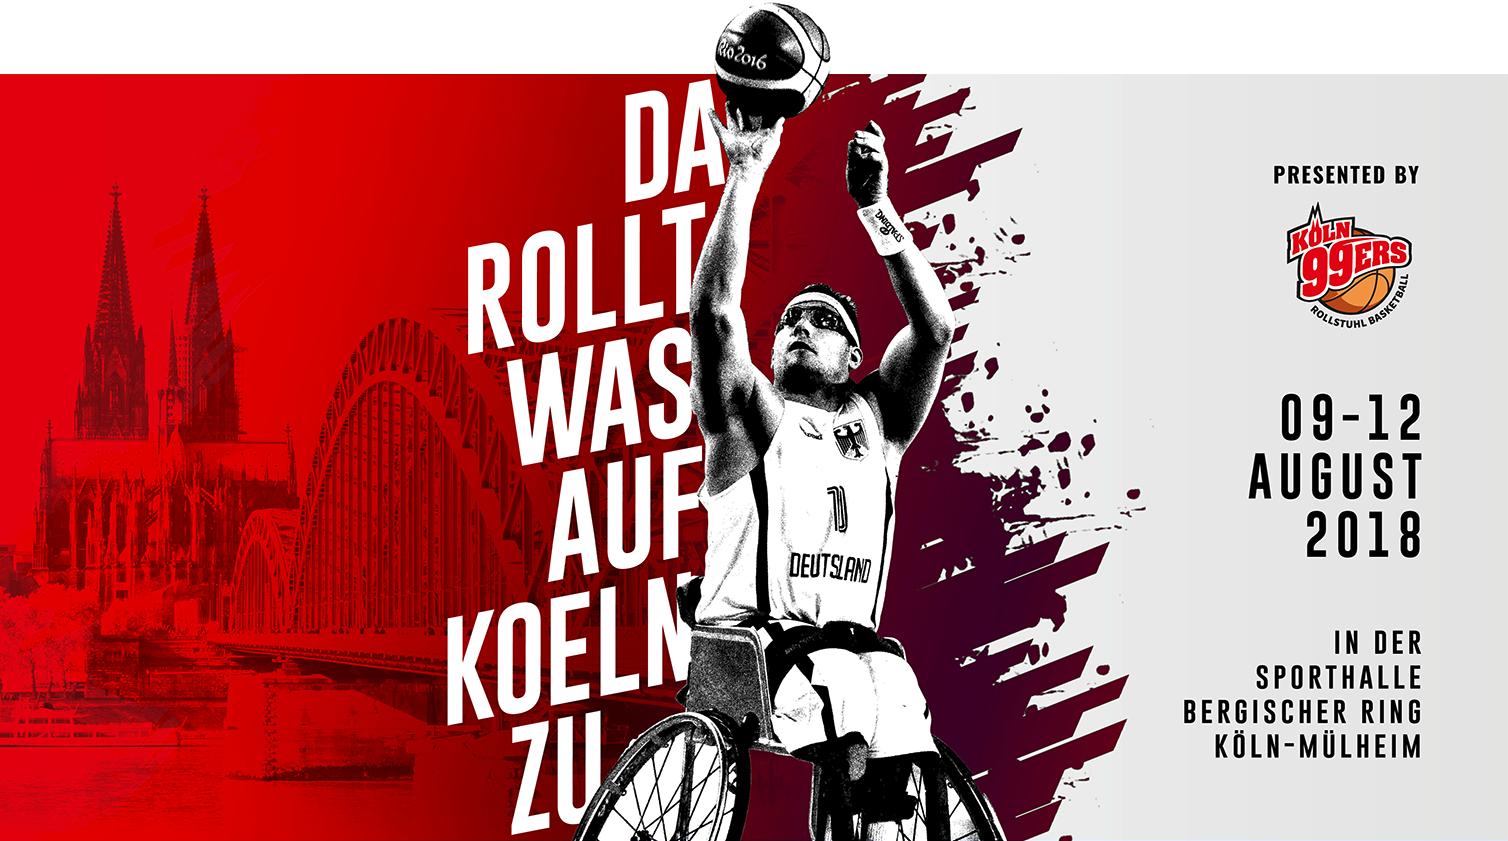 Da rollt was auf Köln zu... 9.-12. August 2018